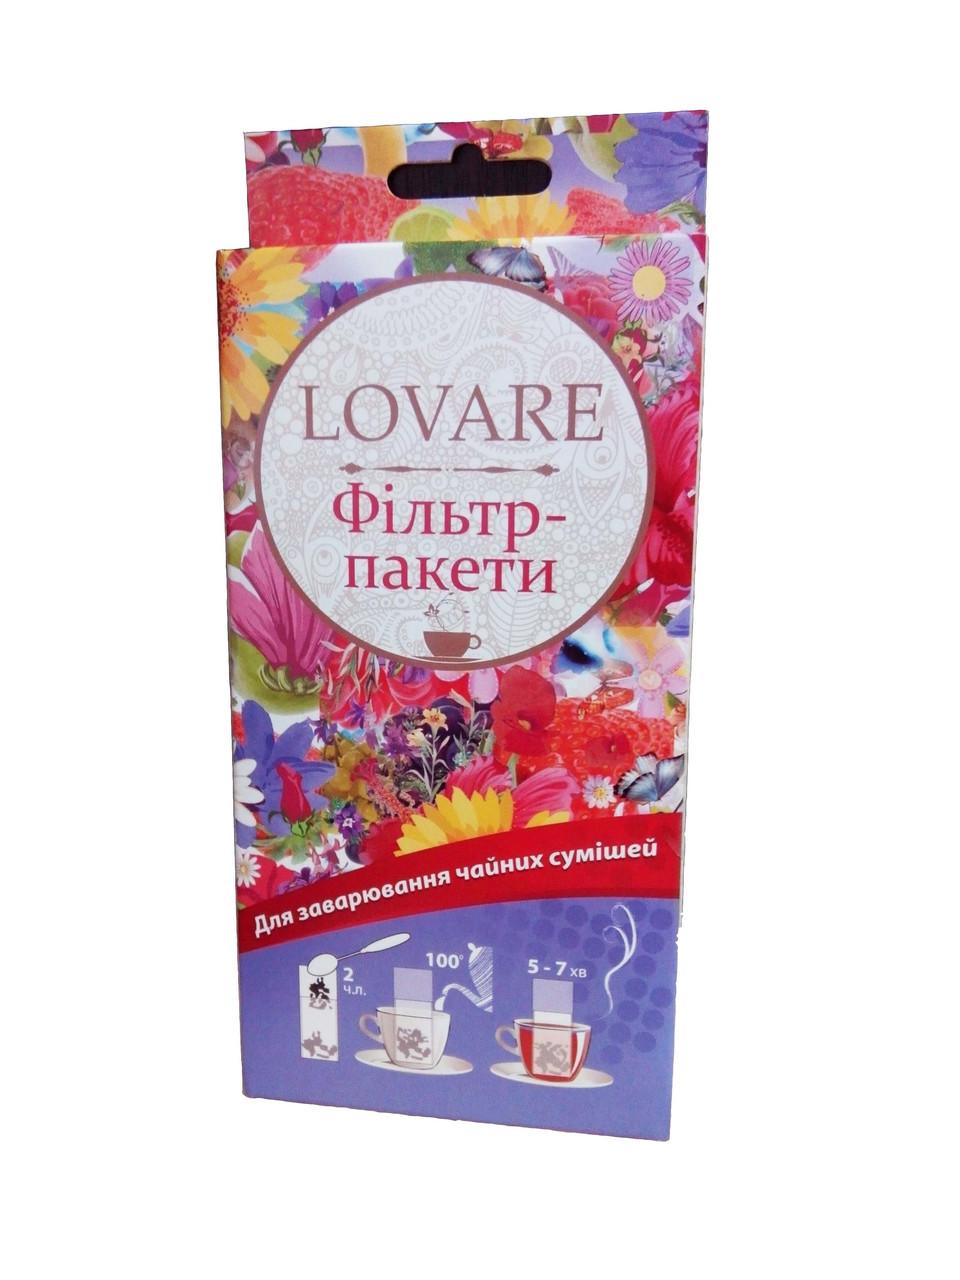 Фільтр-пакети для заварювання чайних сумішей TM Lovare